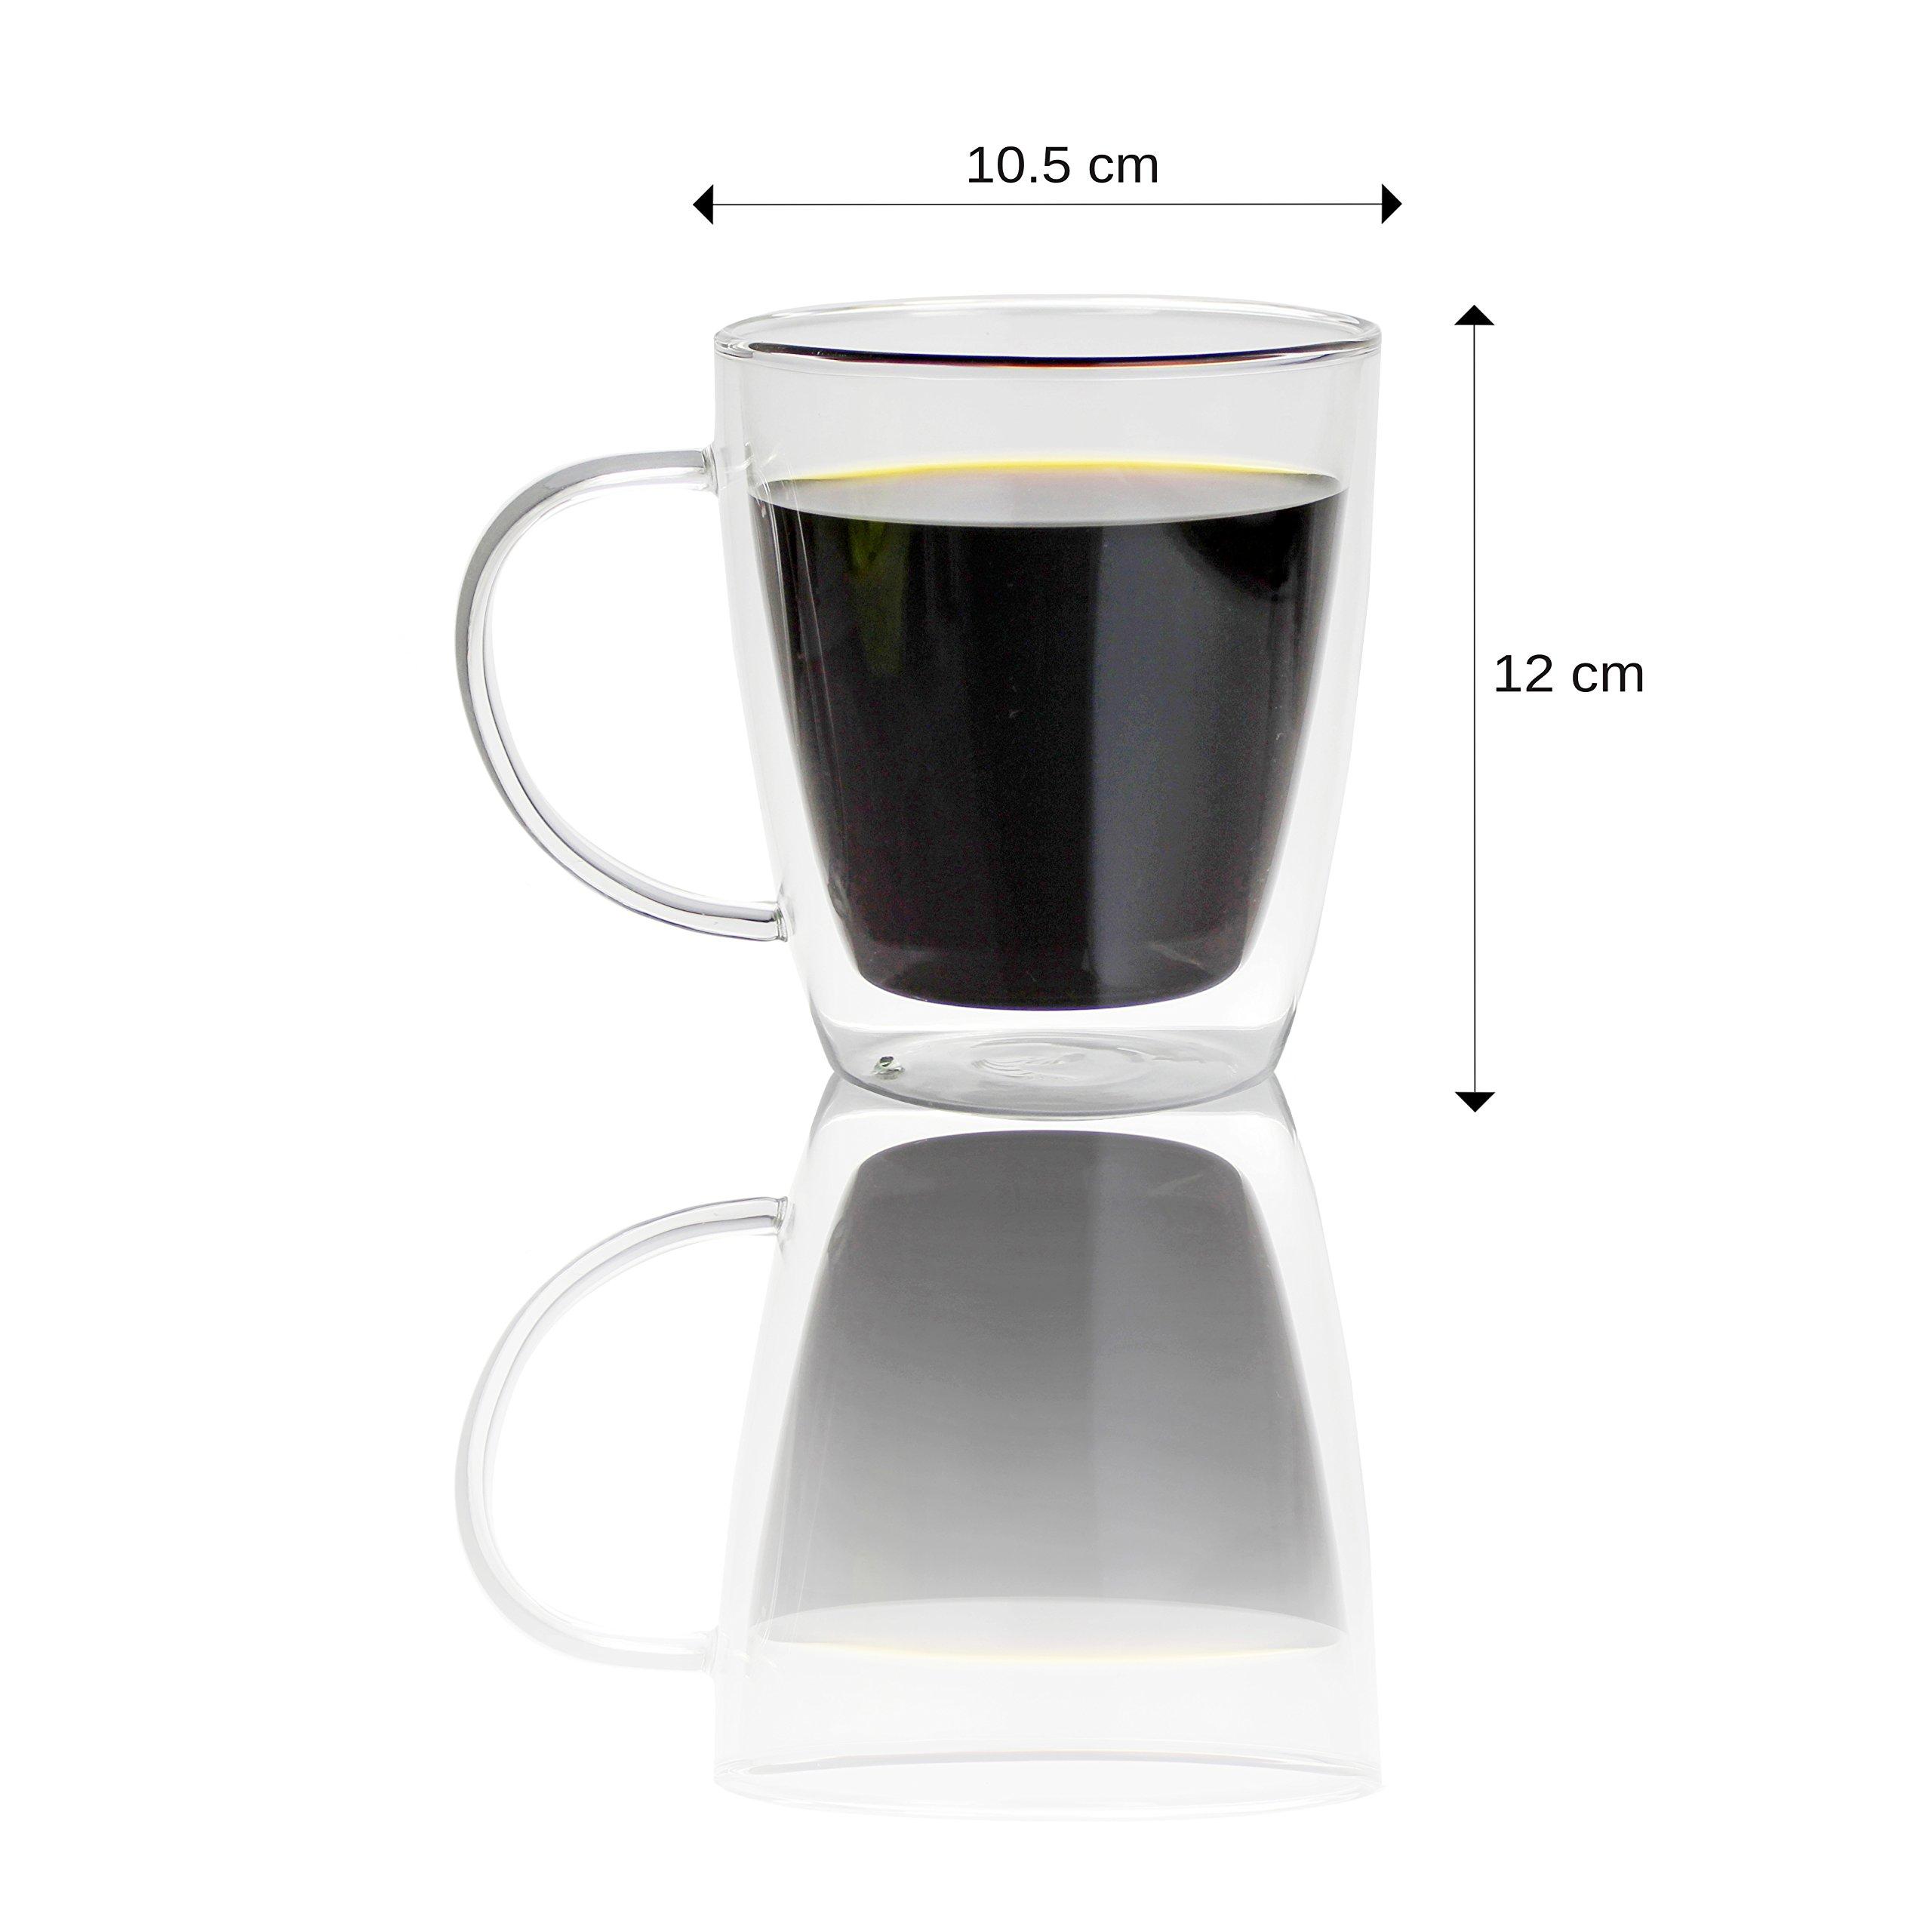 Doppelwandiges Glas Kaffee Tassen, 500ml, Set von 2, isoliertem Glas Tassen für Morgen heißen Kaffee, Tee oder kalte Getränke